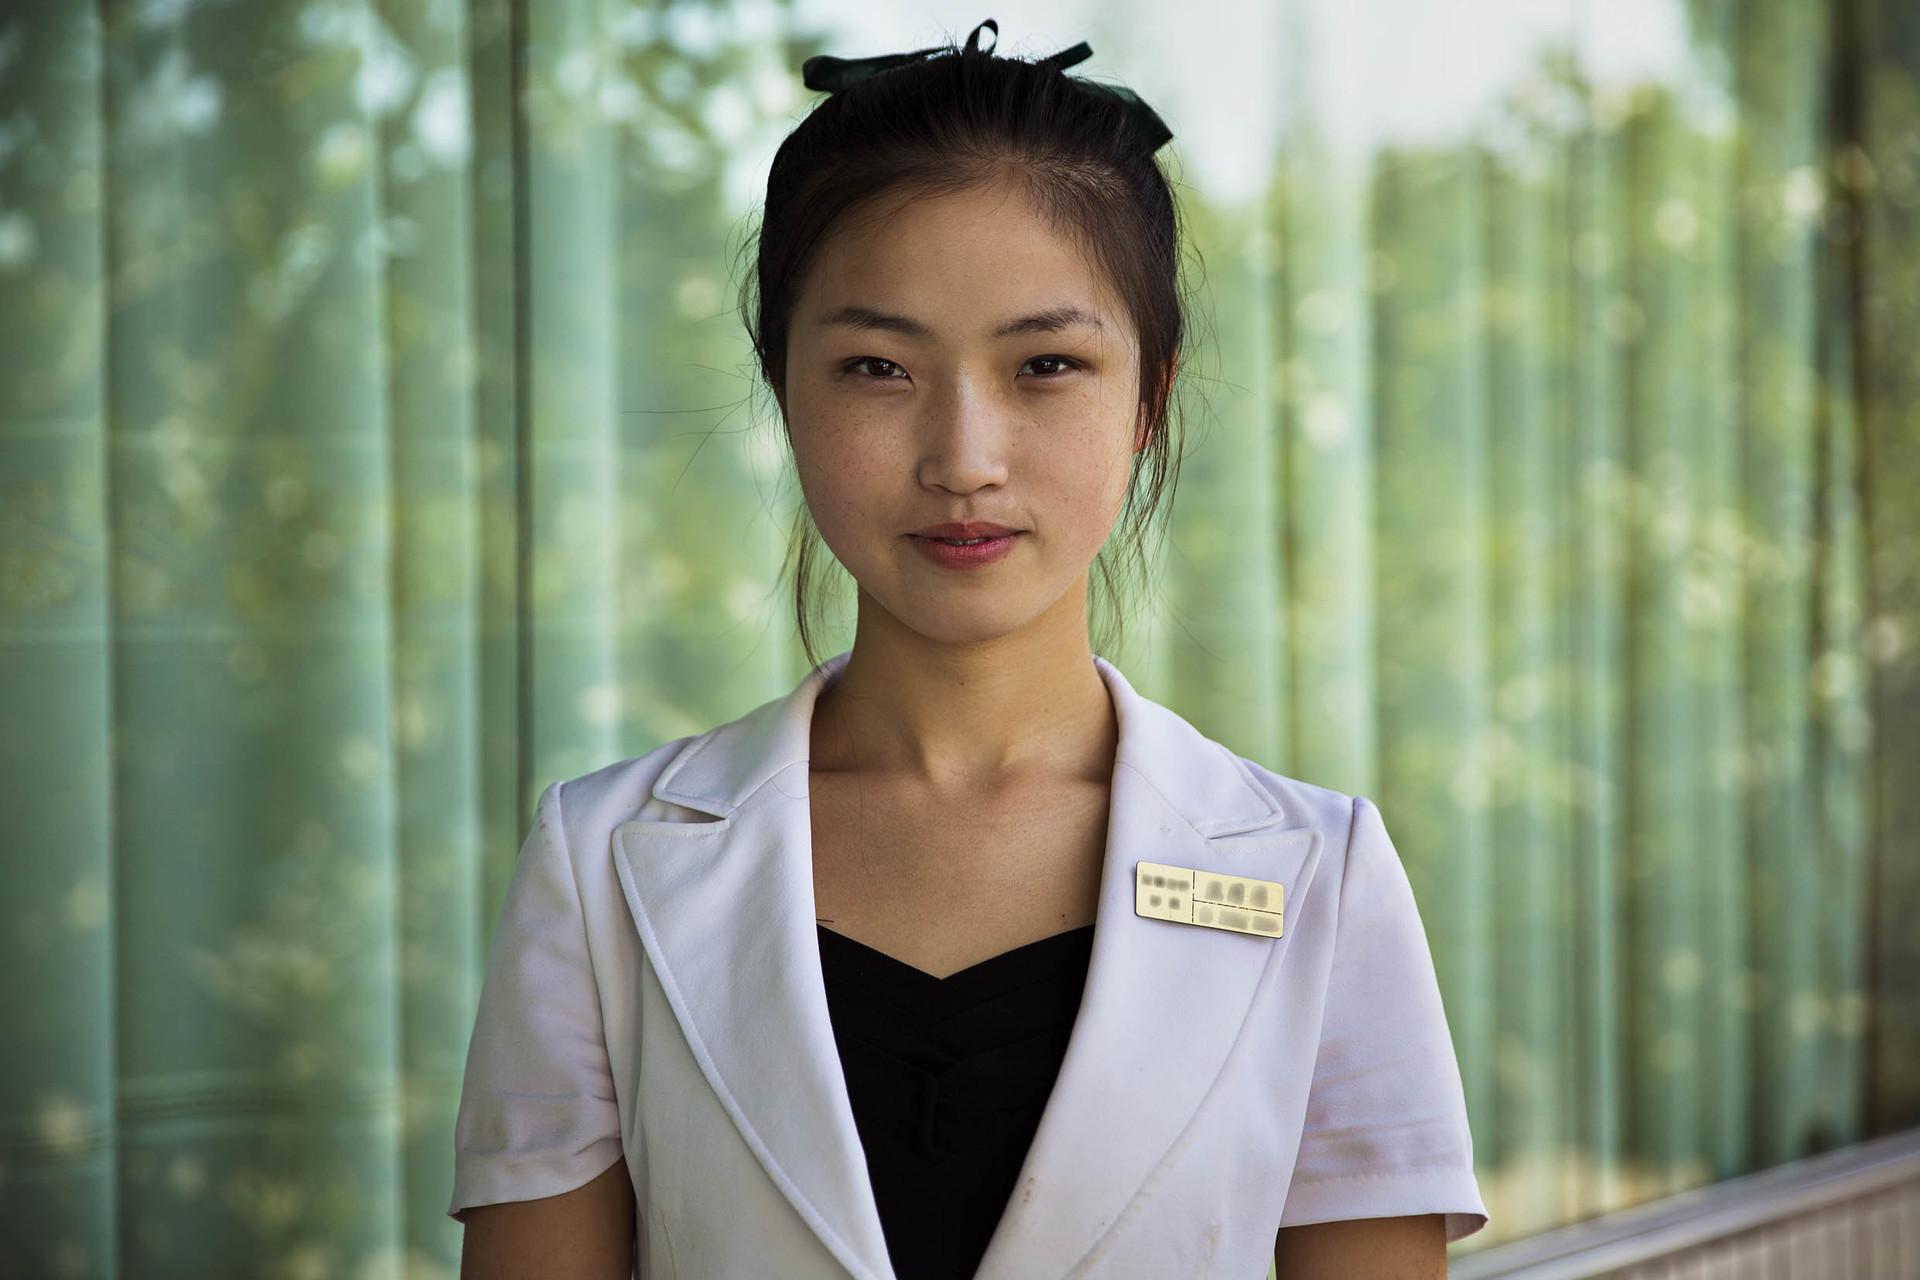 Conocer personas de coreanos